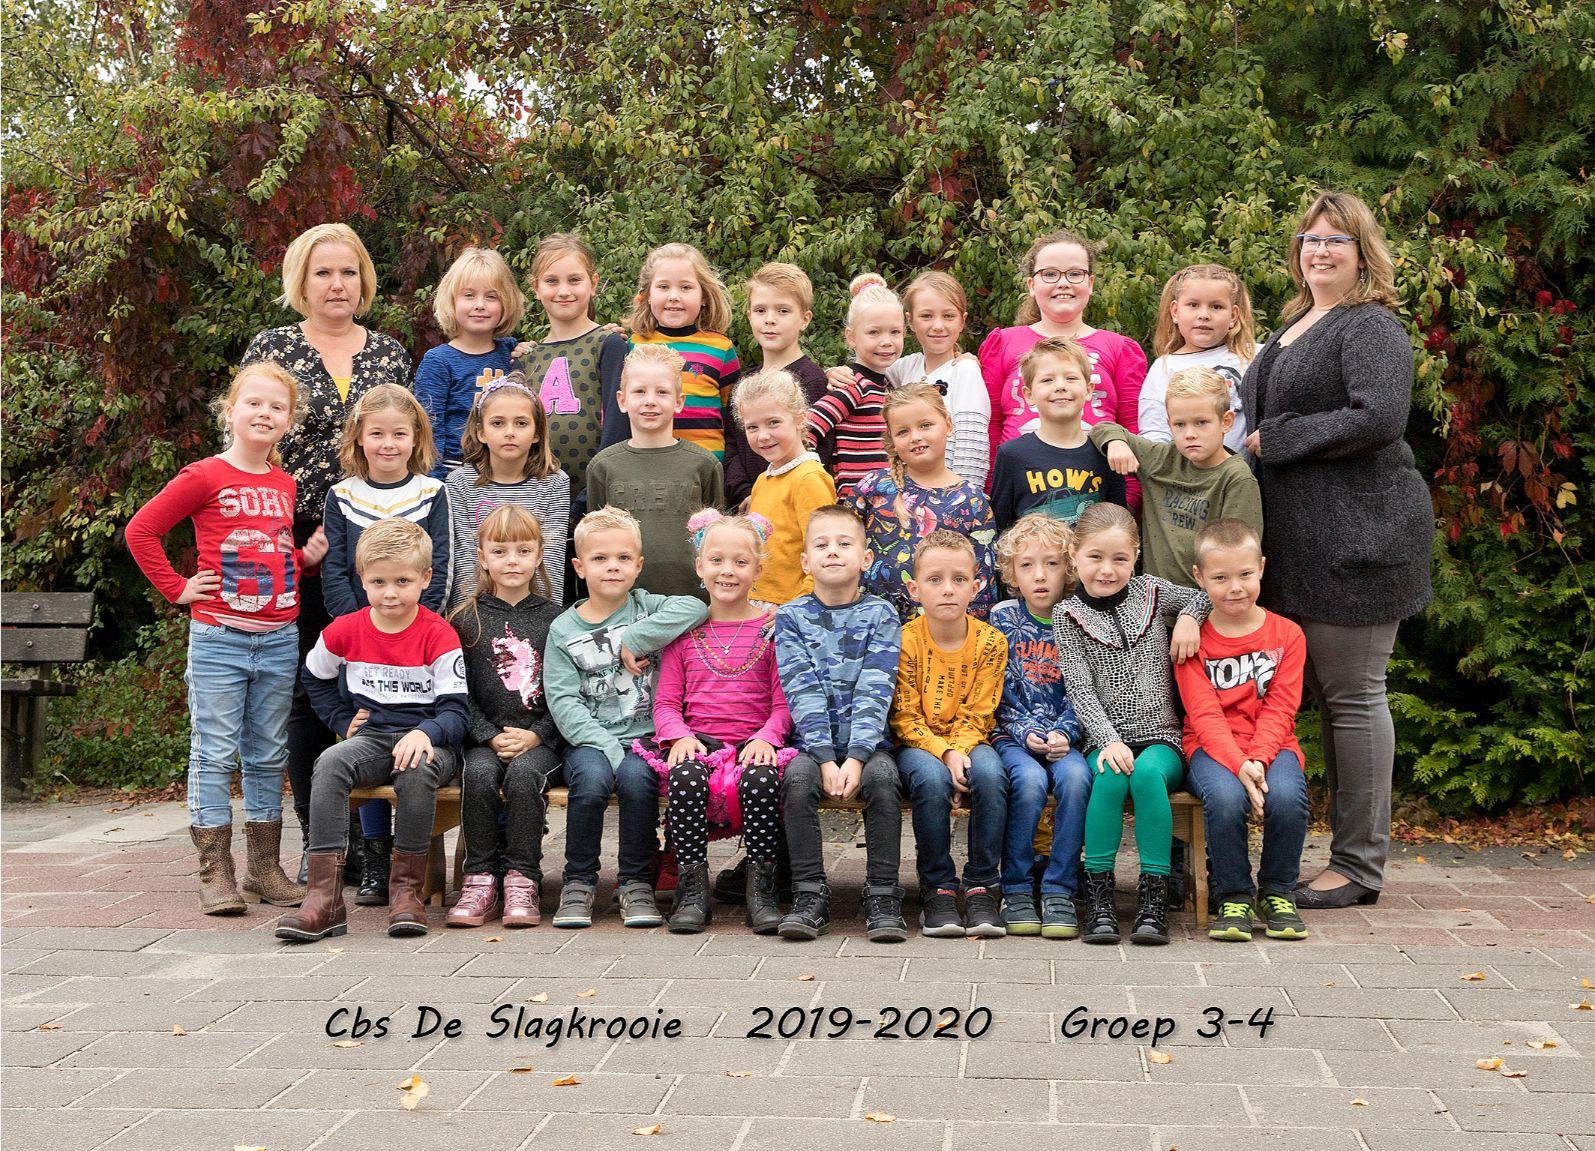 2019SlagGroep3-4.jpg